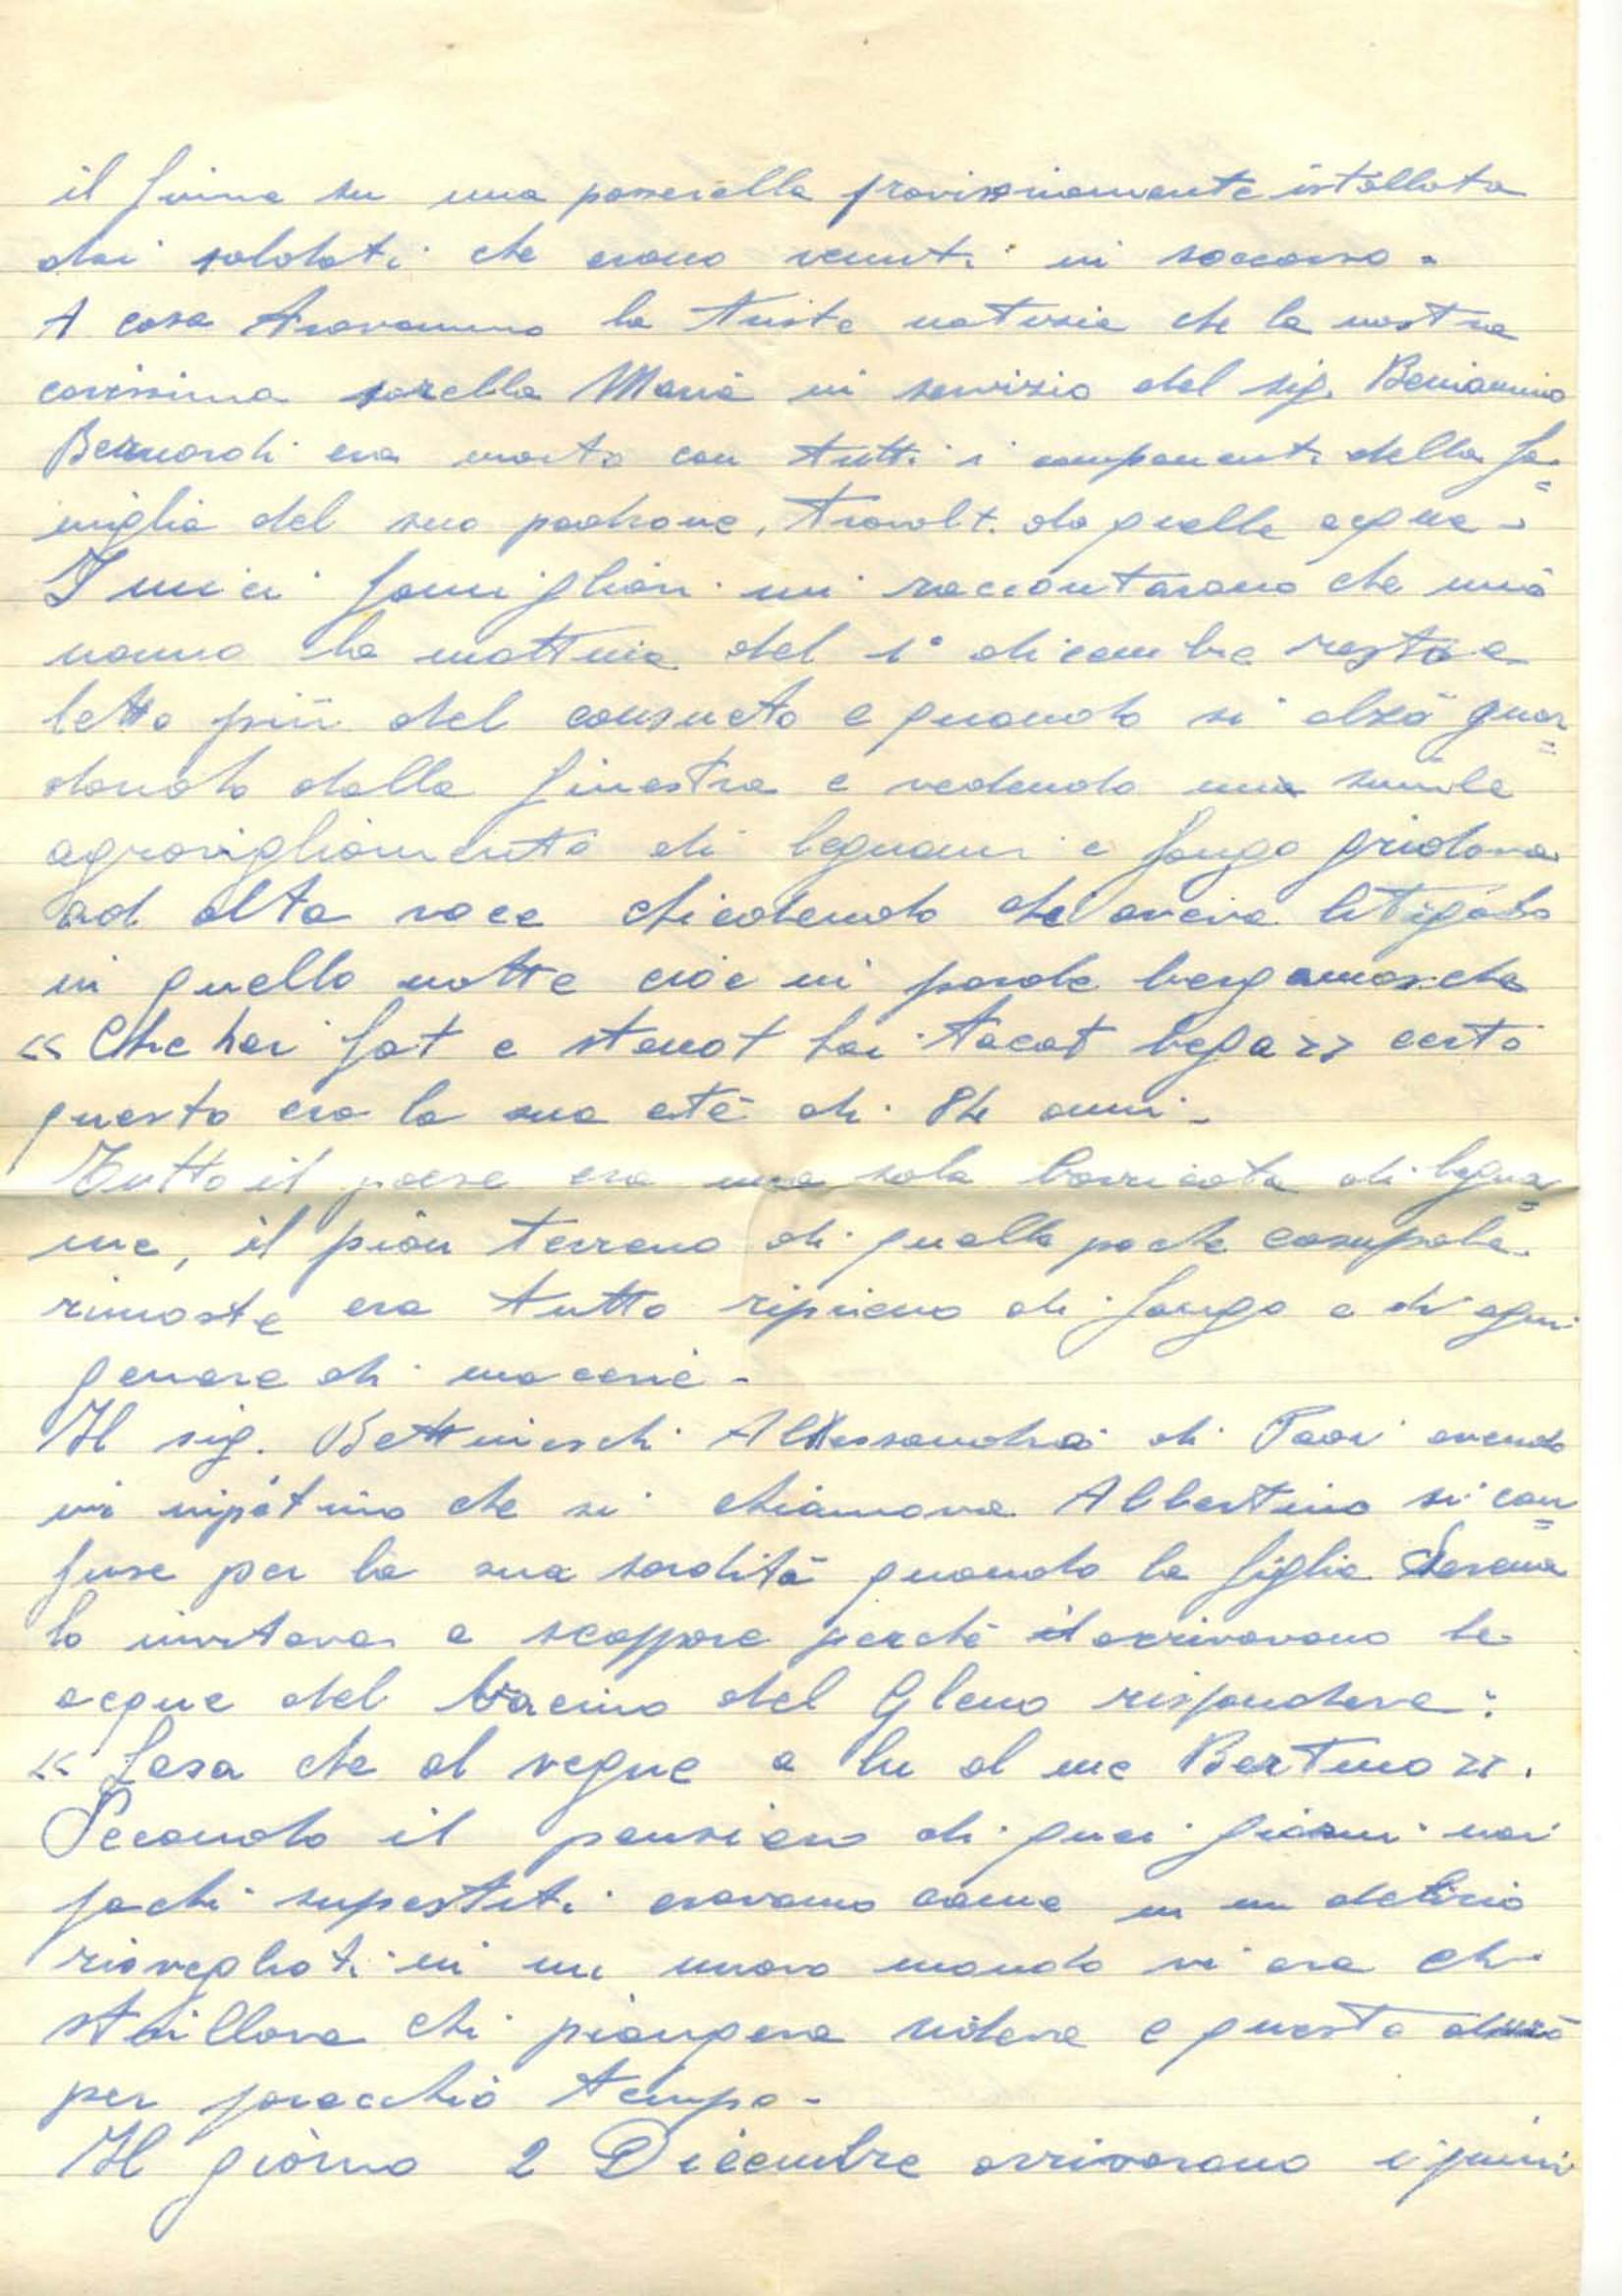 Lettera di Bettineschi Luigi del Consorzio_02